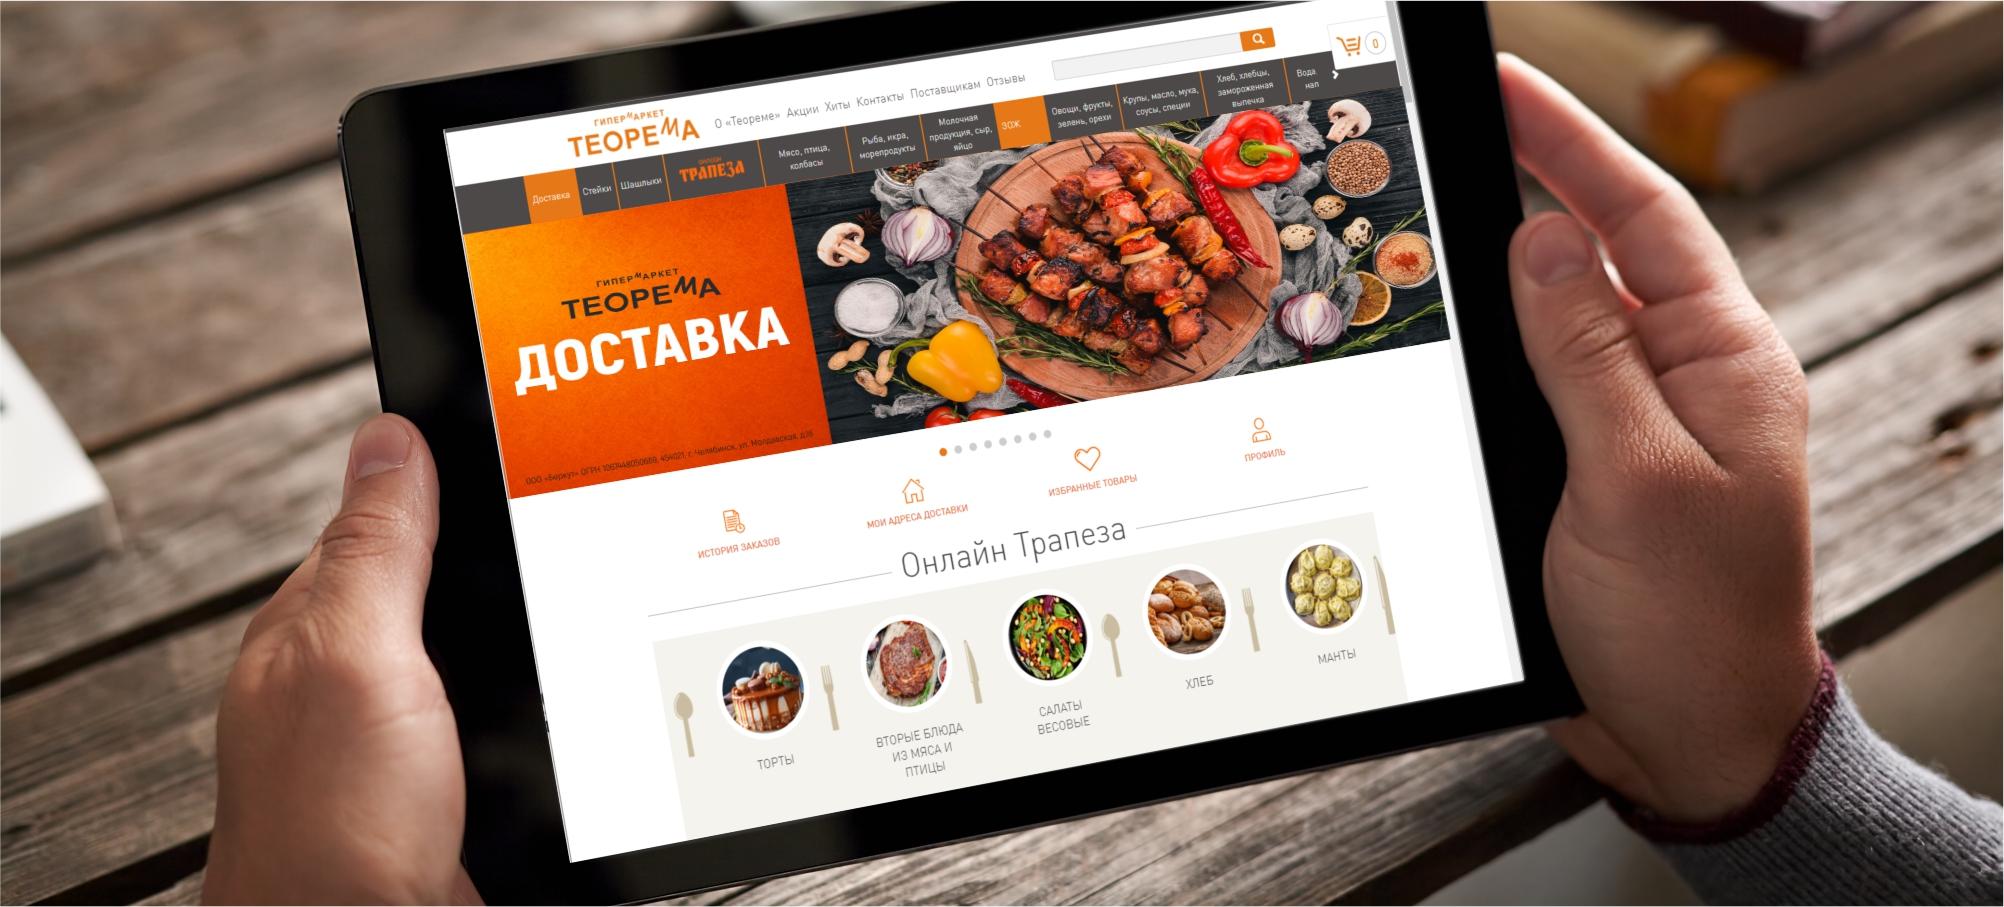 Посмотрите актуальный ассортимент на Teopema.ru и закажите доставку продуктов на дом